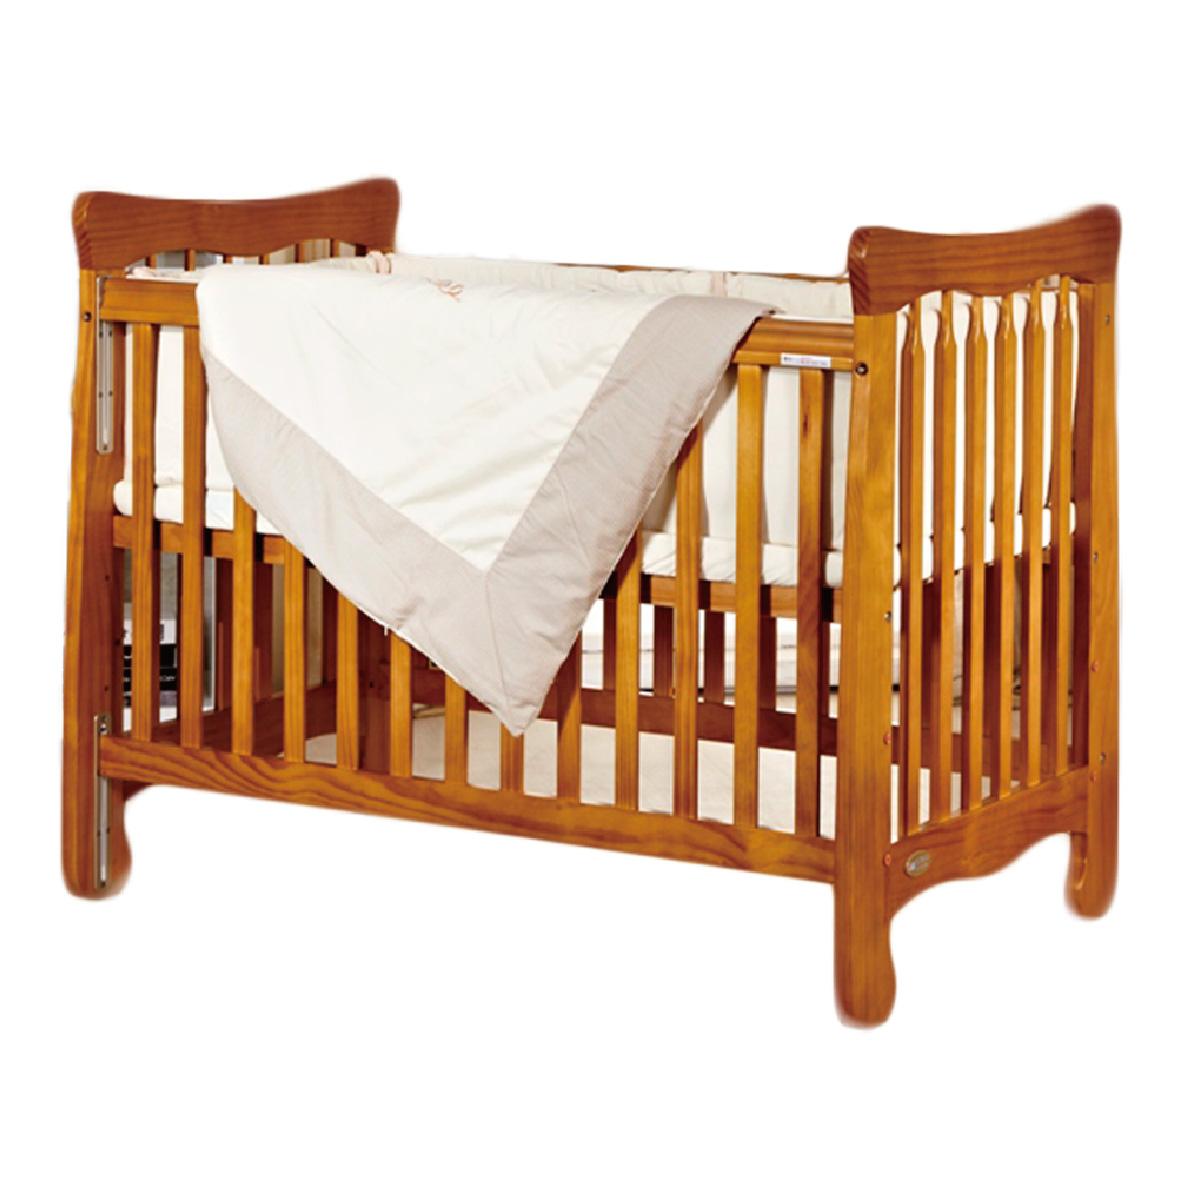 三合一嬰兒床 - 費蕾雅(大床)